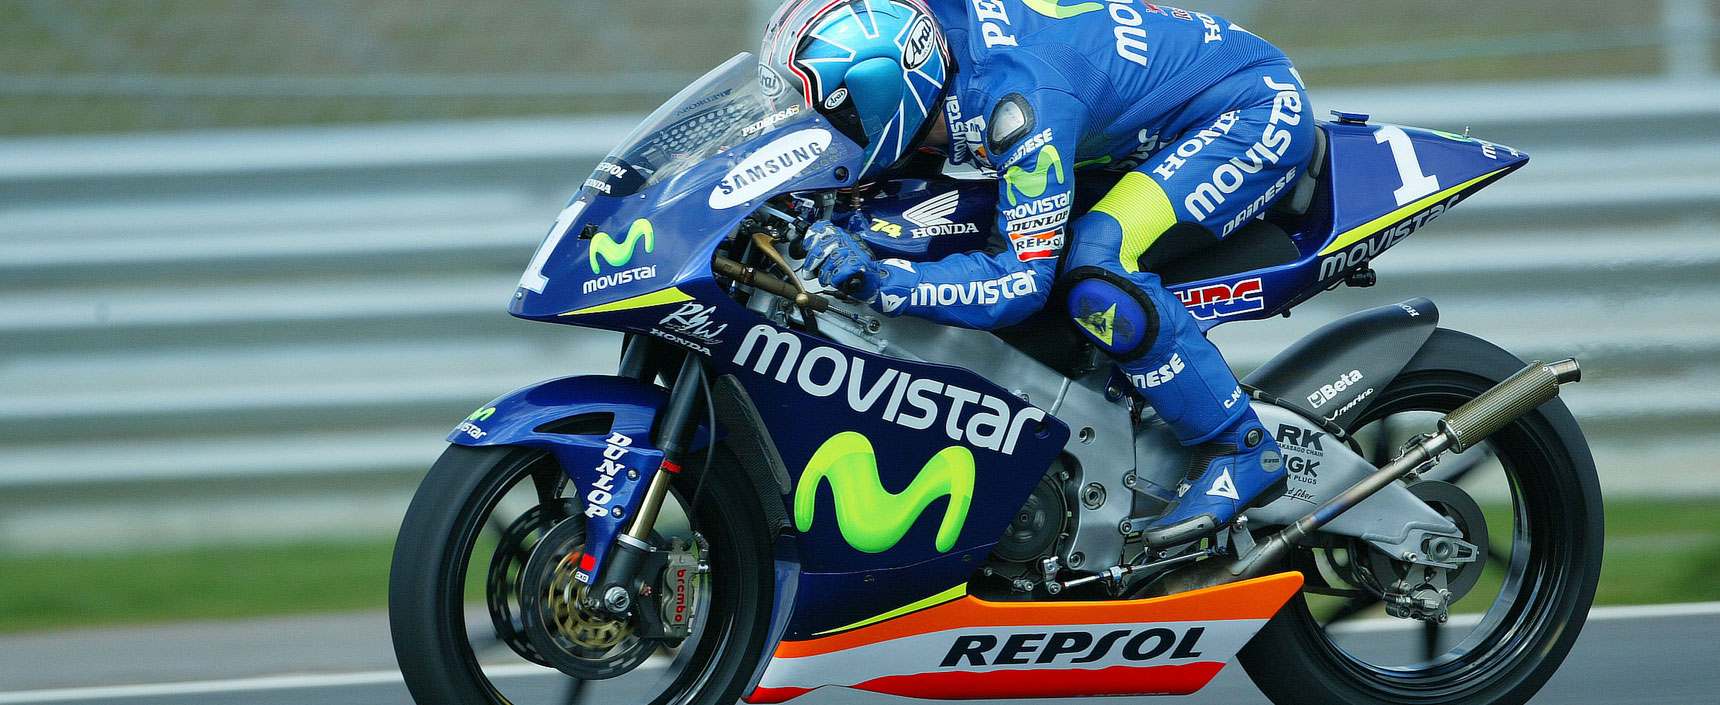 Dani Pedrosa revalidó el mundial de 250cc con el equipo Repsol Honda tras haberlo logrado su primer mundial en esta categoría el año anterior